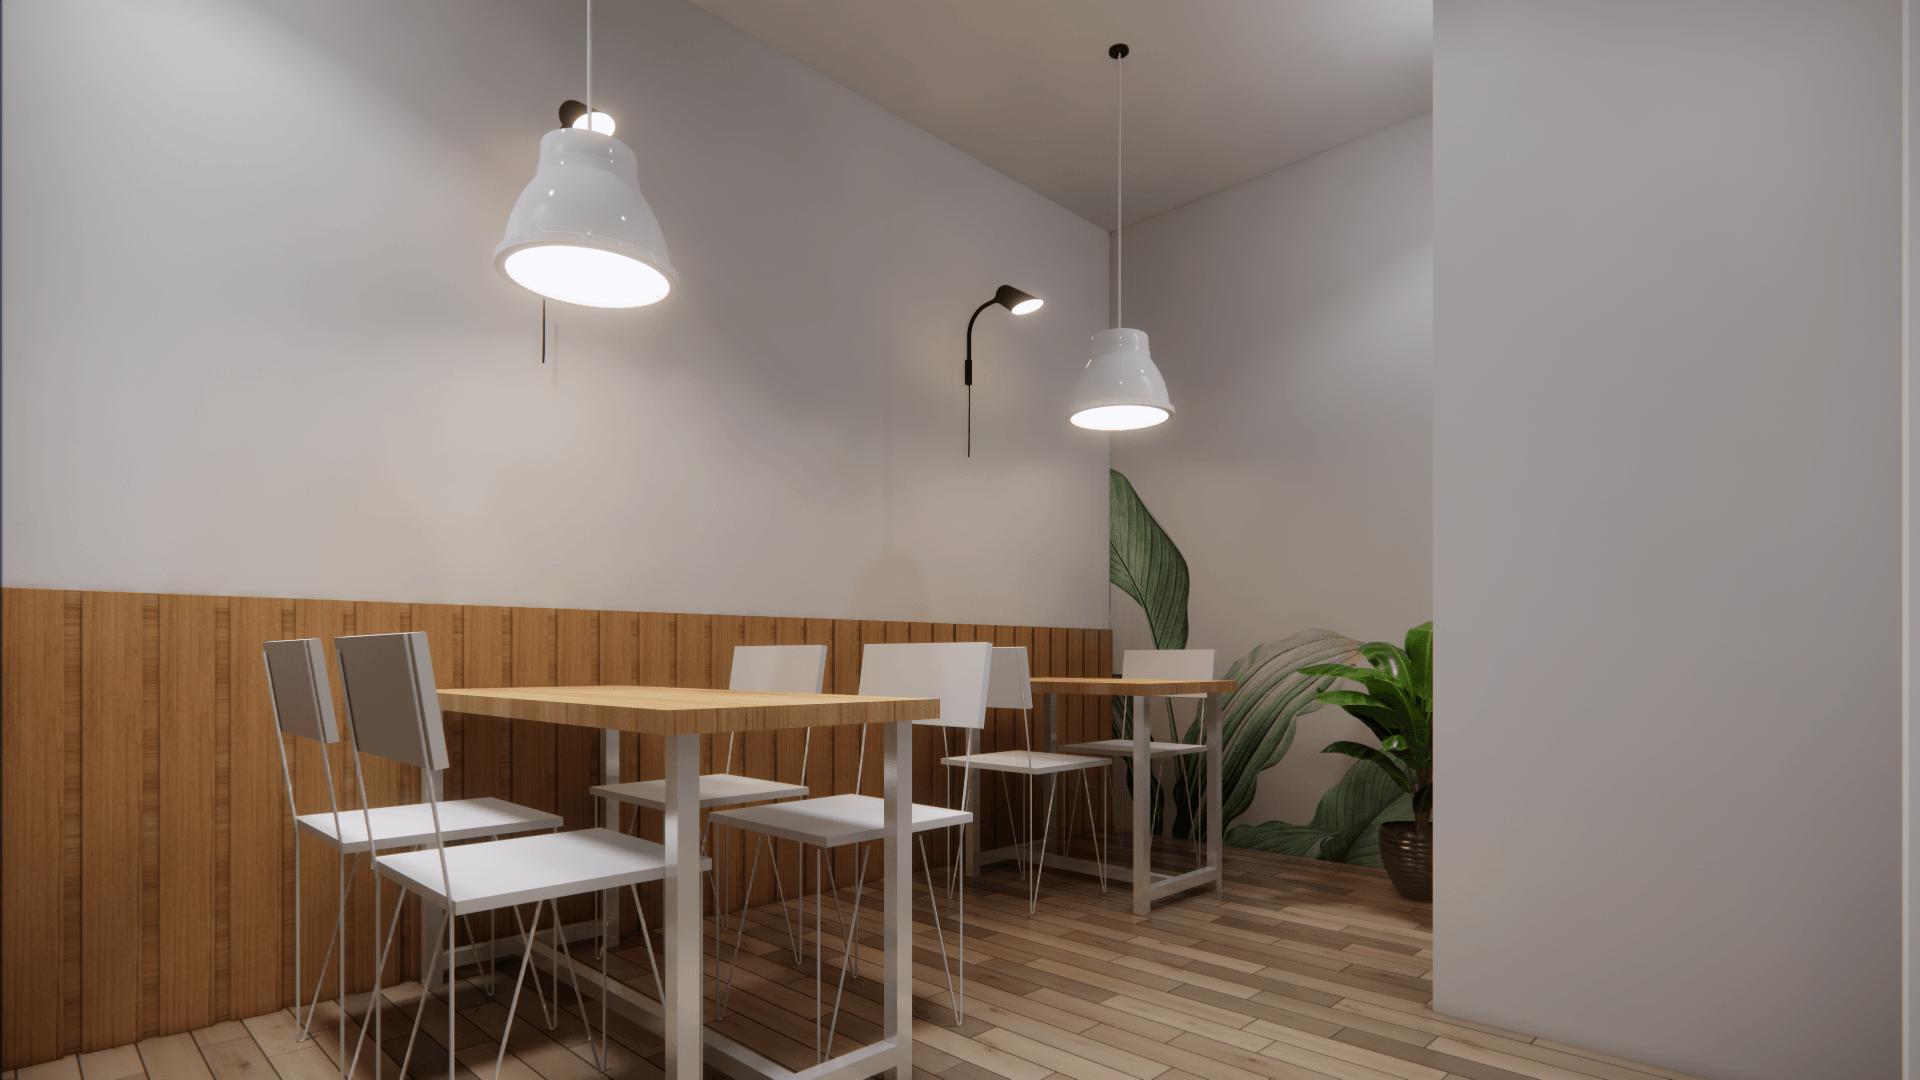 Faisal Amri Coffe Shop Bpk Andi Semarang, Kota Semarang, Jawa Tengah, Indonesia Semarang, Kota Semarang, Jawa Tengah, Indonesia Faisal-Amri-Coffe-Shop-Bpk-Andi  132501